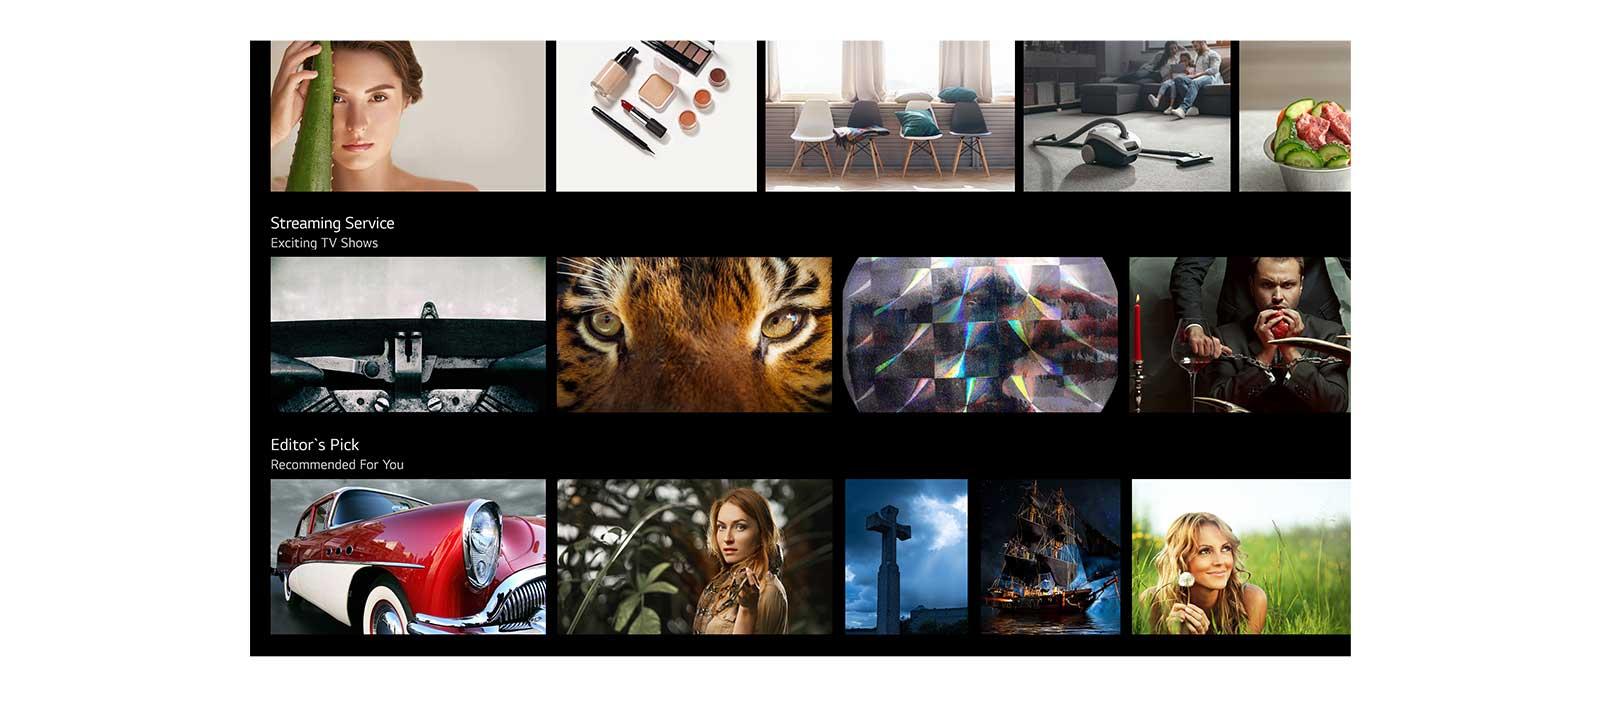 Ekran telewizora przedstawiający różne treści wymienione i polecane przez LG ThinQ AI